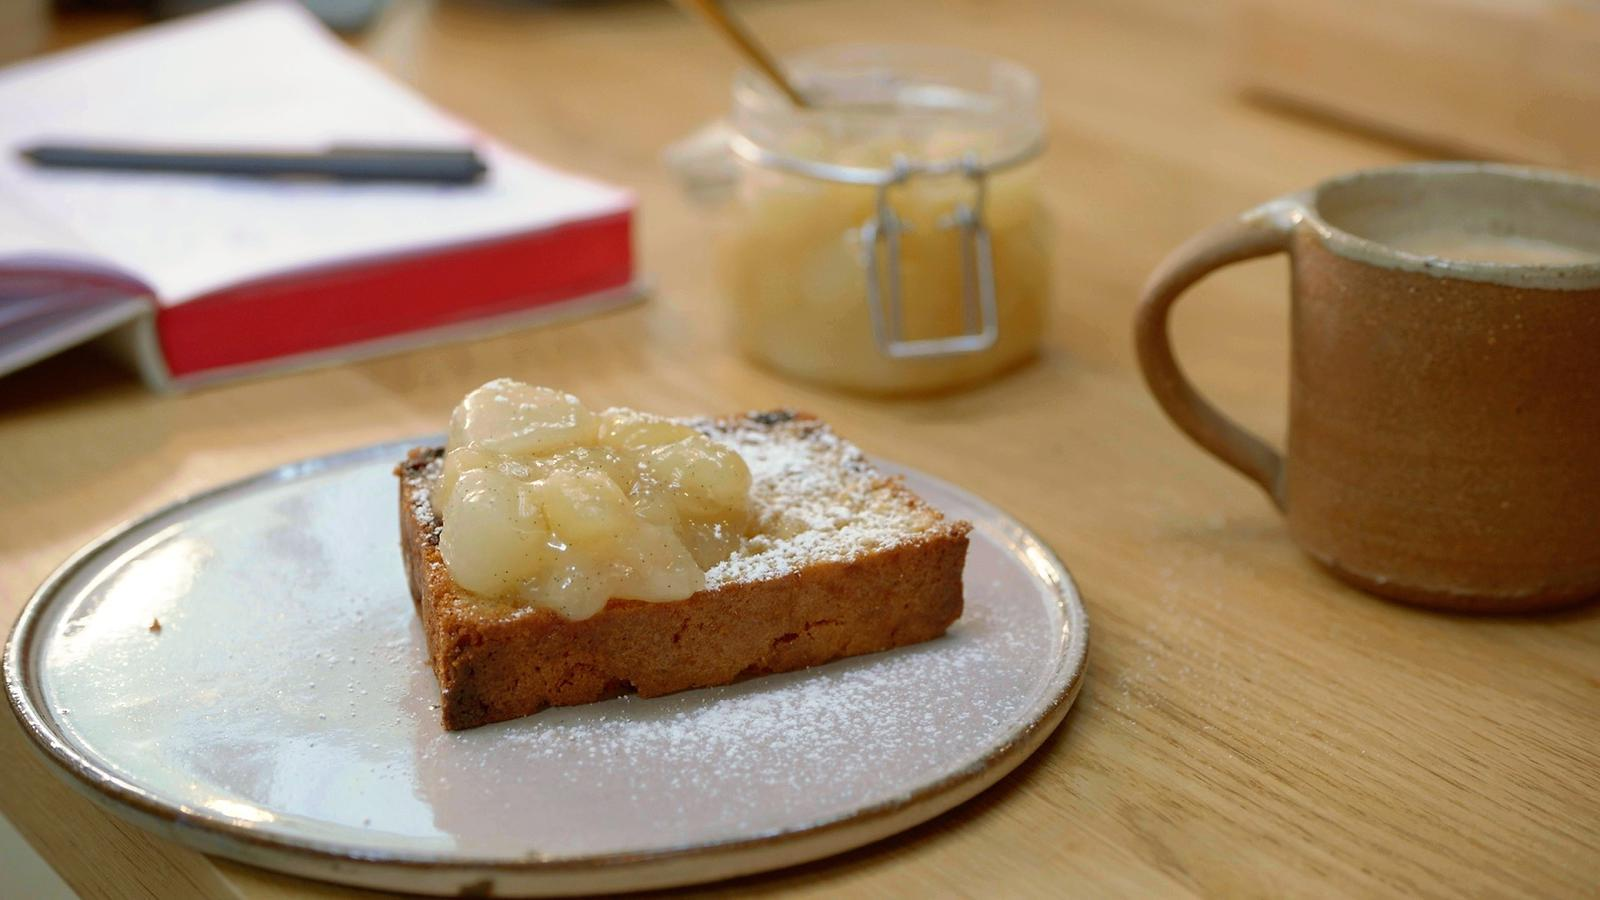 Rozijnencake met confituur van peer en gember